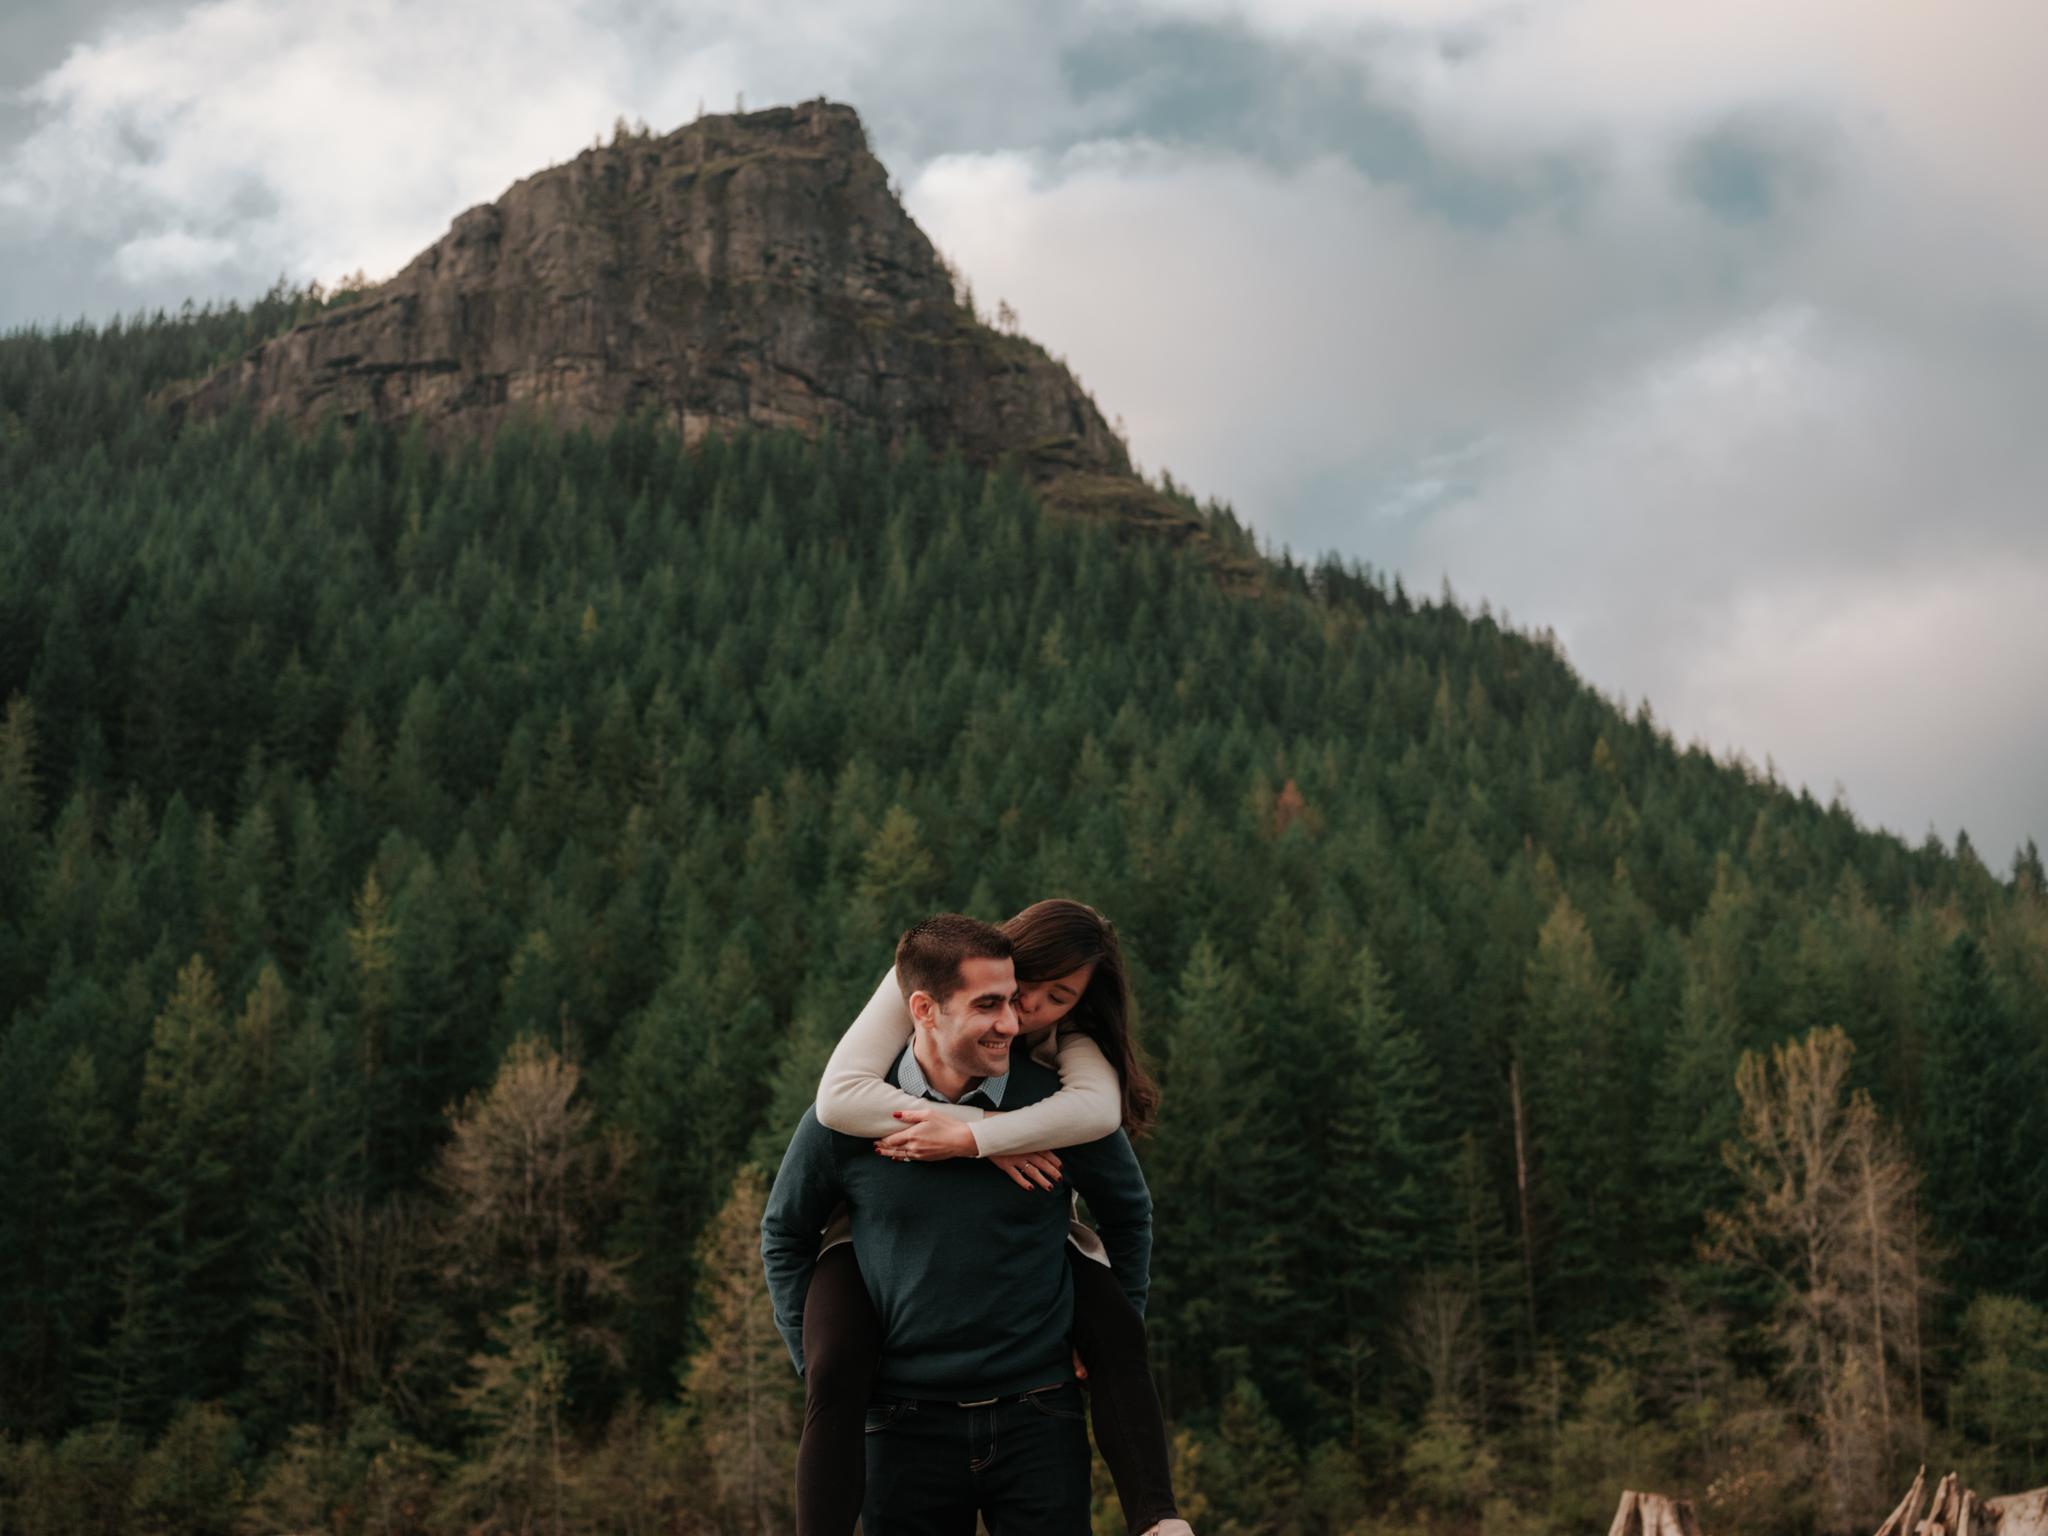 Seattle Engagement Photographer_Stolen Glimpses 52.jpg